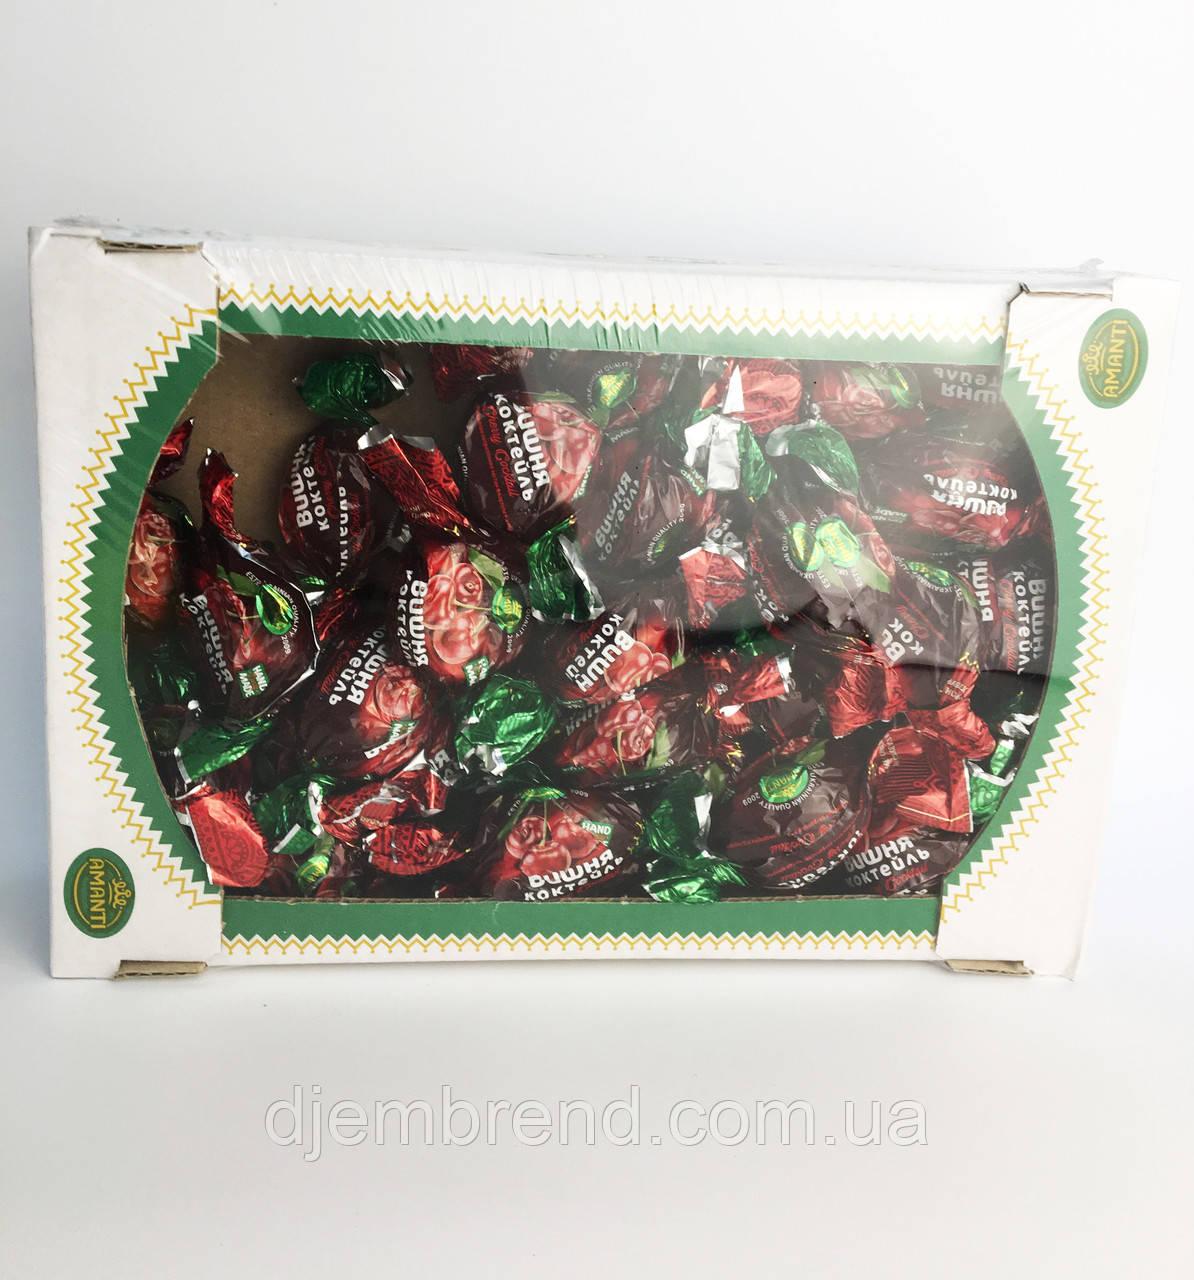 Конфеты Amanti Вишня коктейльная, Украина, 1 кг.